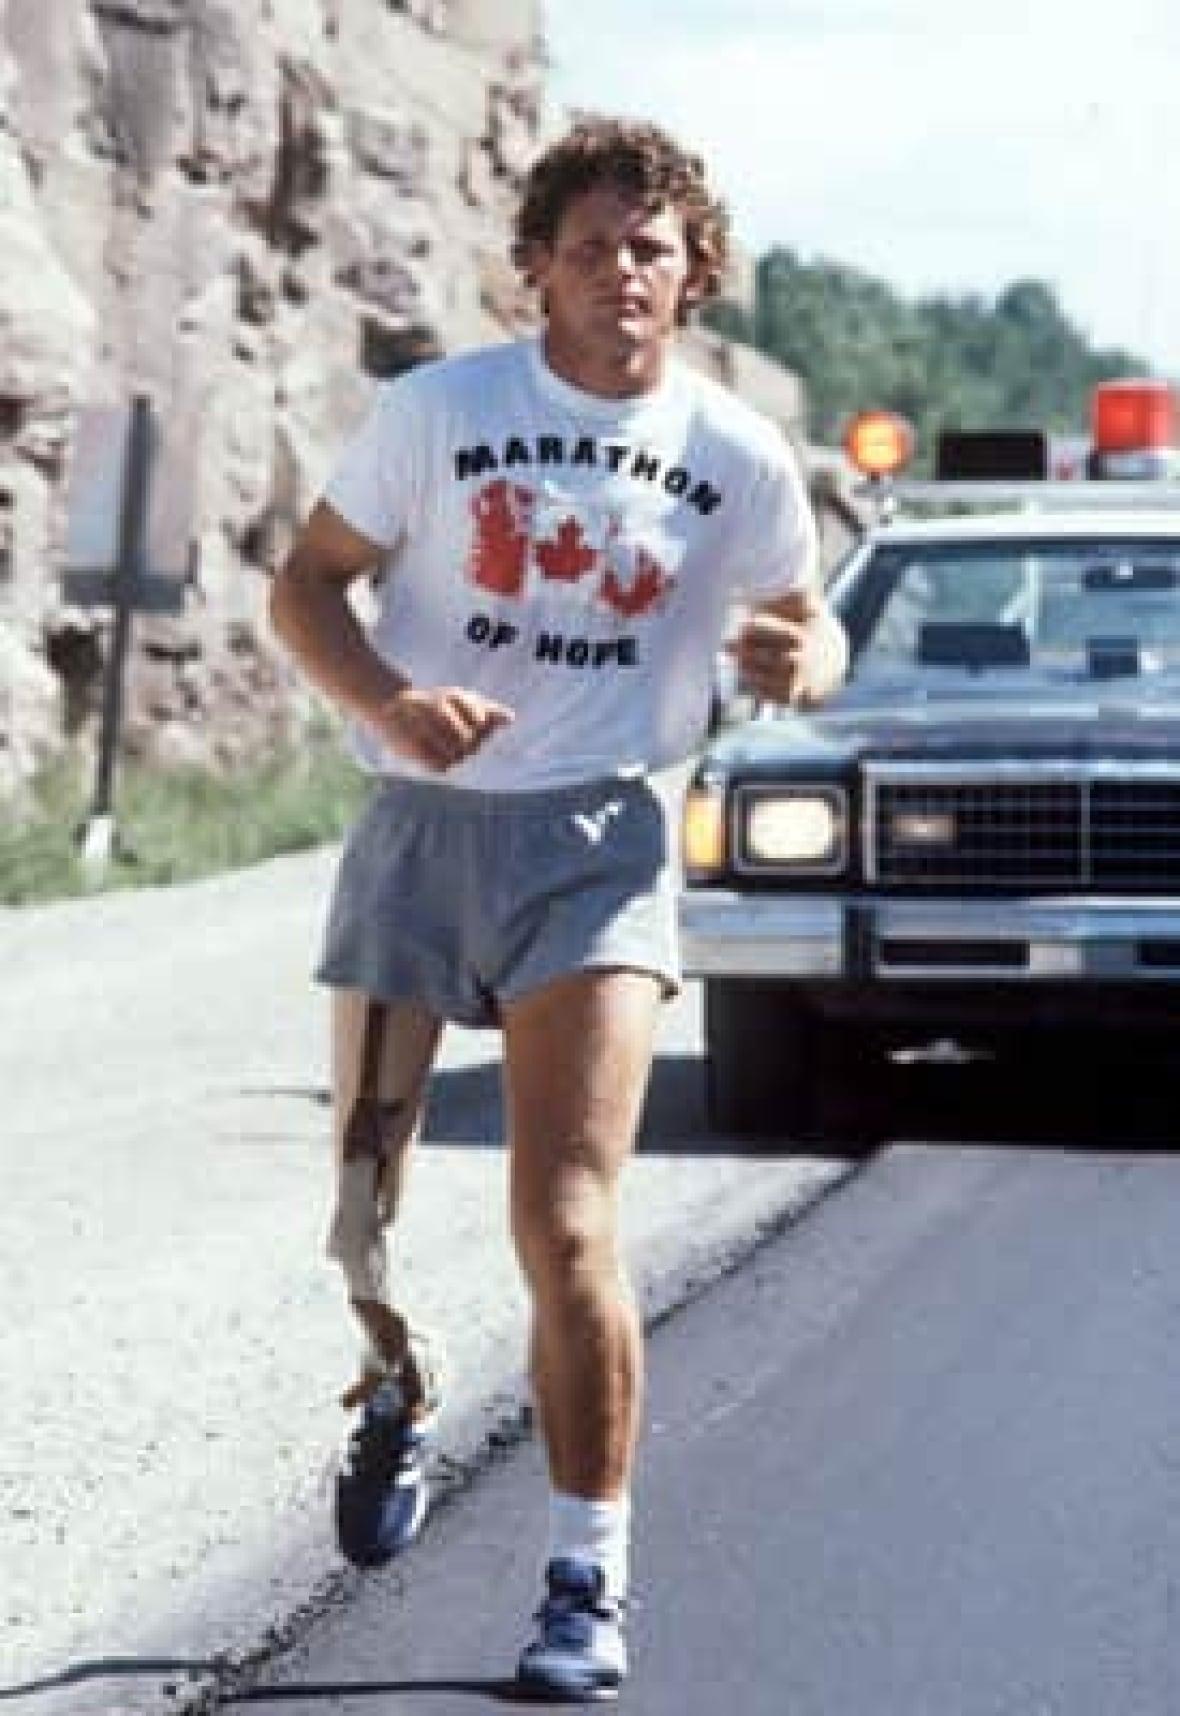 Terry Fox i Maraton nade